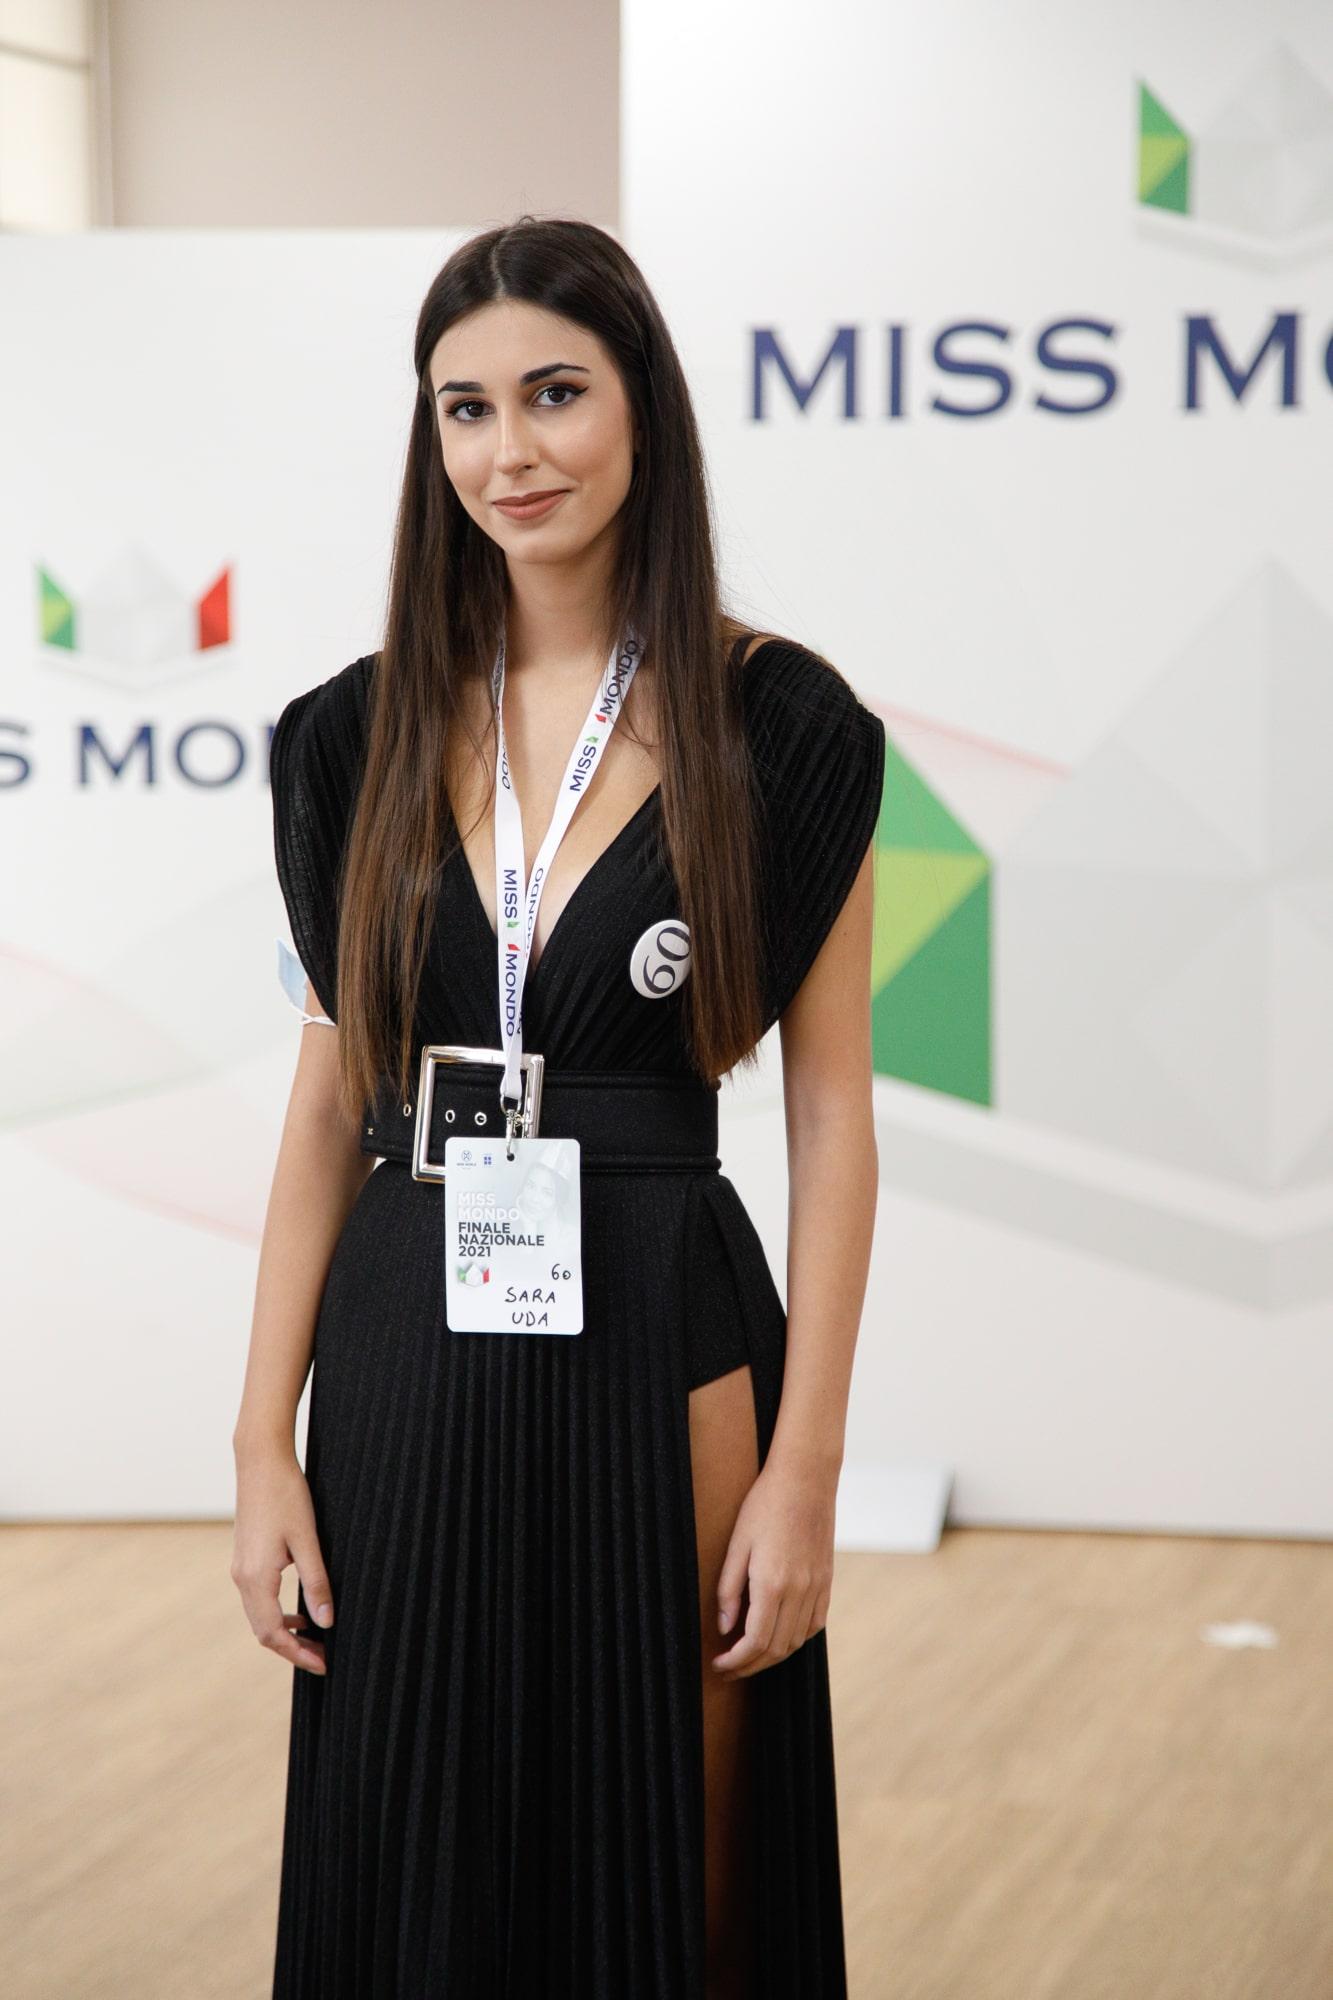 Secondo passaggio giuria per le ragazze di Missmondo Italia 2021 - 42